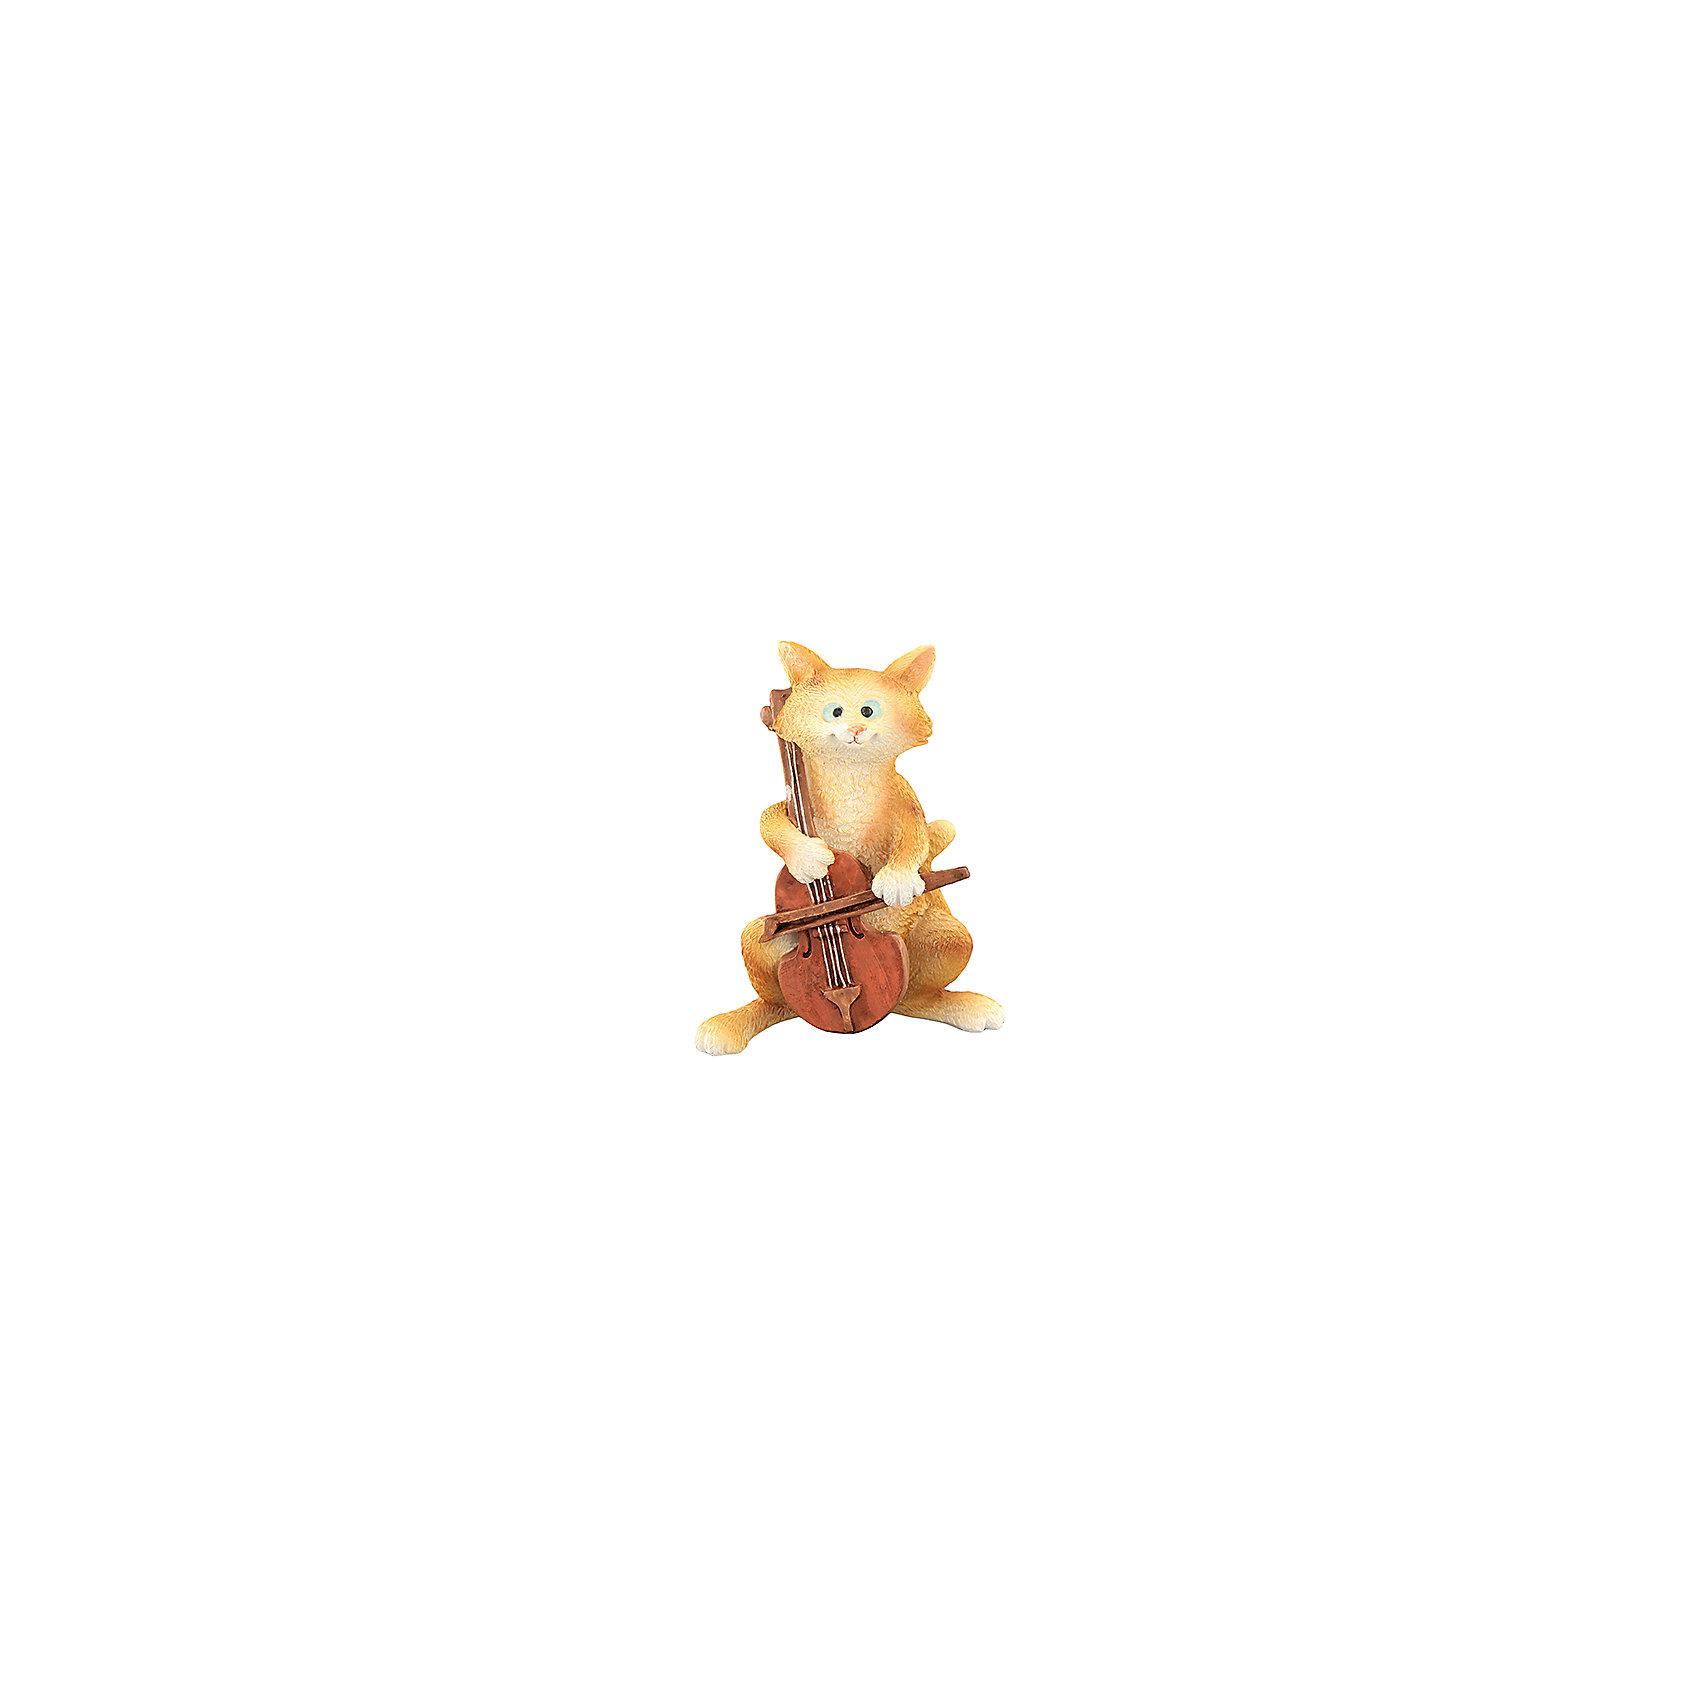 Фигурка декоративная Кот с виолончелью, Elan GalleryПредметы интерьера<br>Фигурка декоративная  Elan Gallery 7,5*4,5*9 см. Кот с виолончелью, Elan Gallery Декоративные фигурки - это отличный способ разнообразить внутреннее убранство вашего дома.<br><br>Ширина мм: 118<br>Глубина мм: 70<br>Высота мм: 98<br>Вес г: 222<br>Возраст от месяцев: 0<br>Возраст до месяцев: 1188<br>Пол: Унисекс<br>Возраст: Детский<br>SKU: 6668999